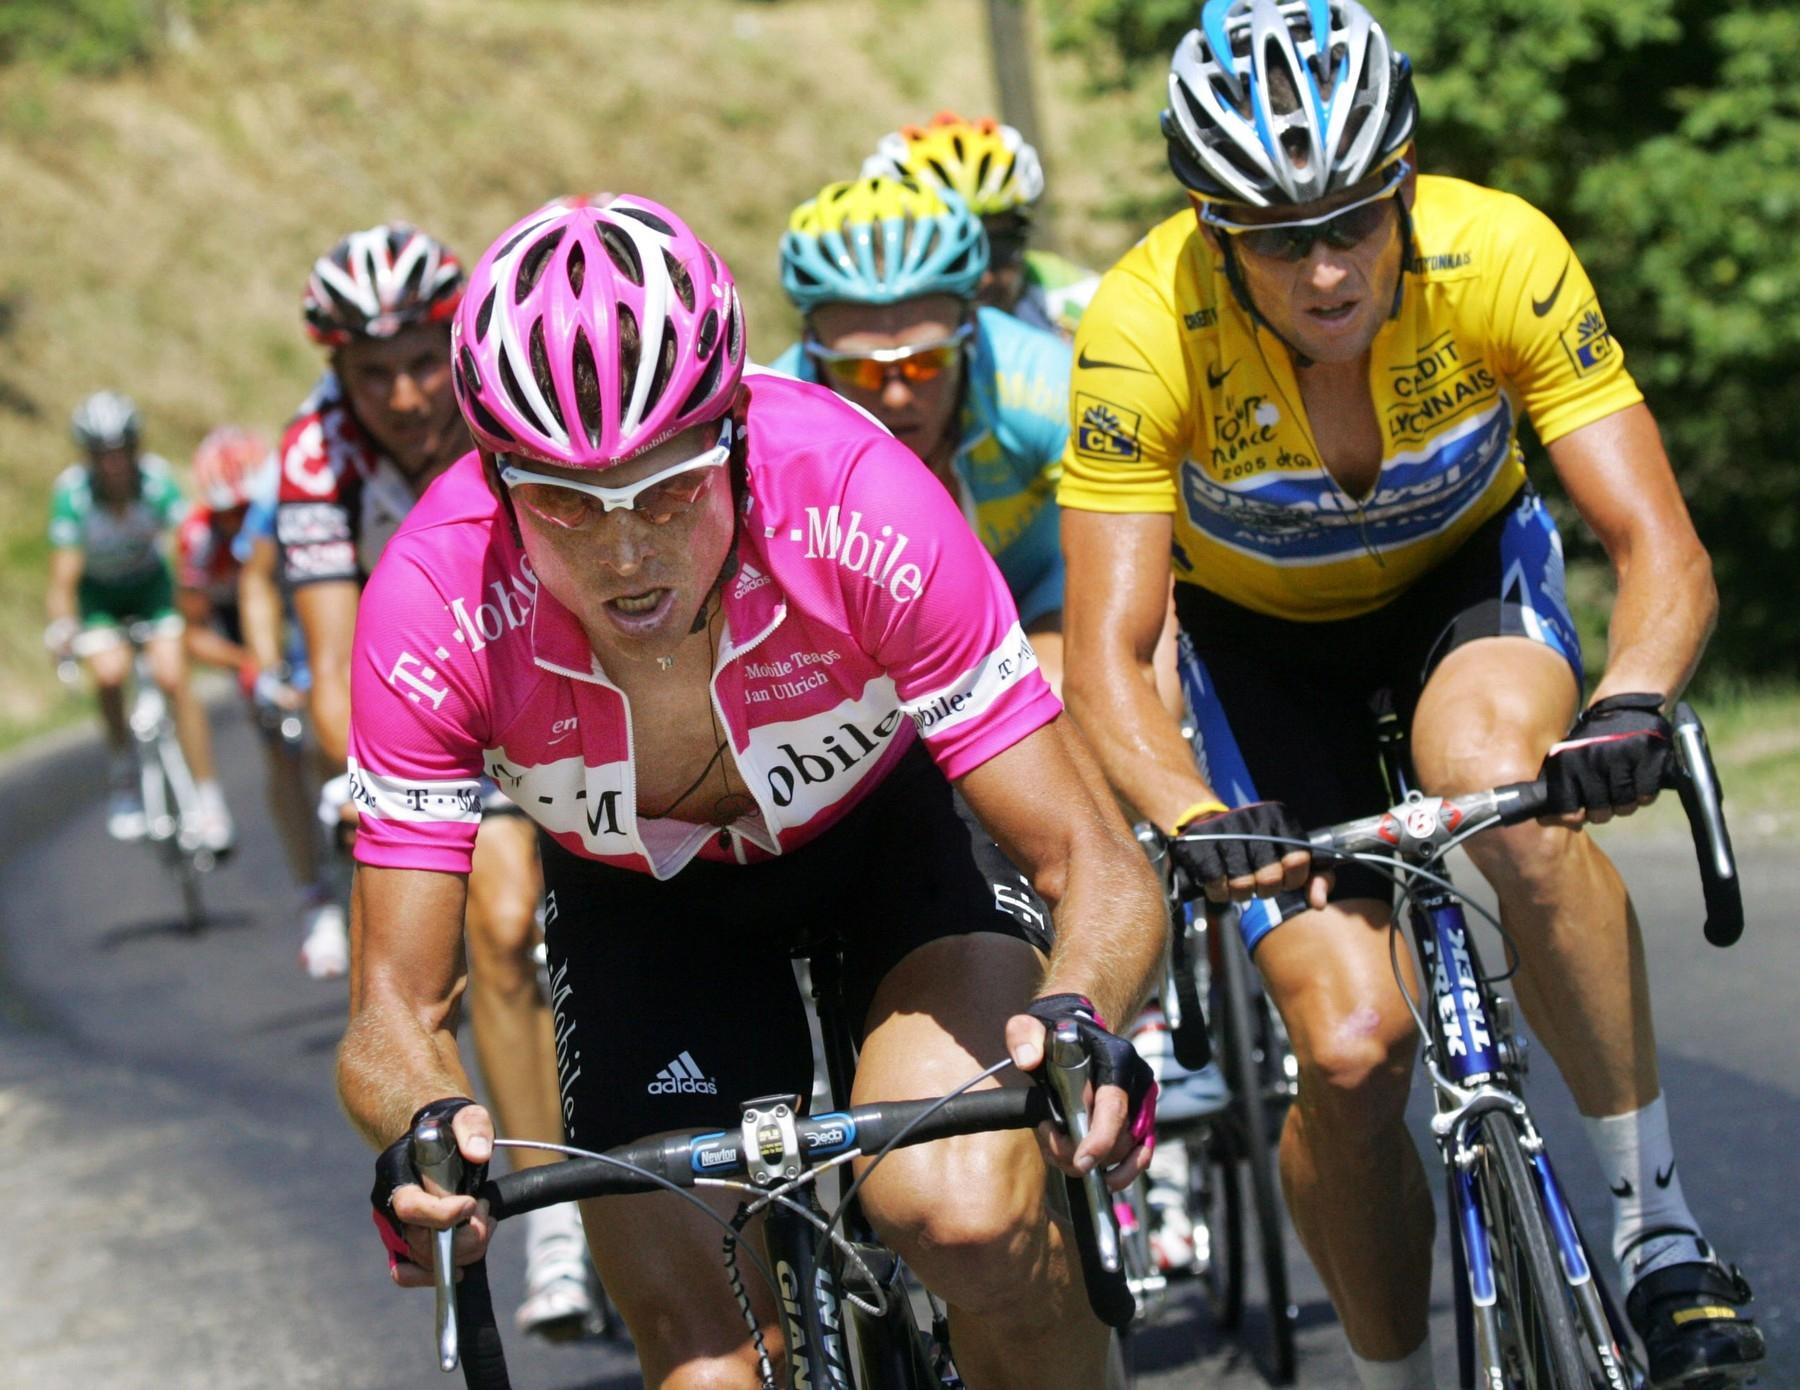 Jan Ullrich (vlevo) útočí na Lance Armstronga ve 14. etapě Tour de France 2005. Foto: profimedia